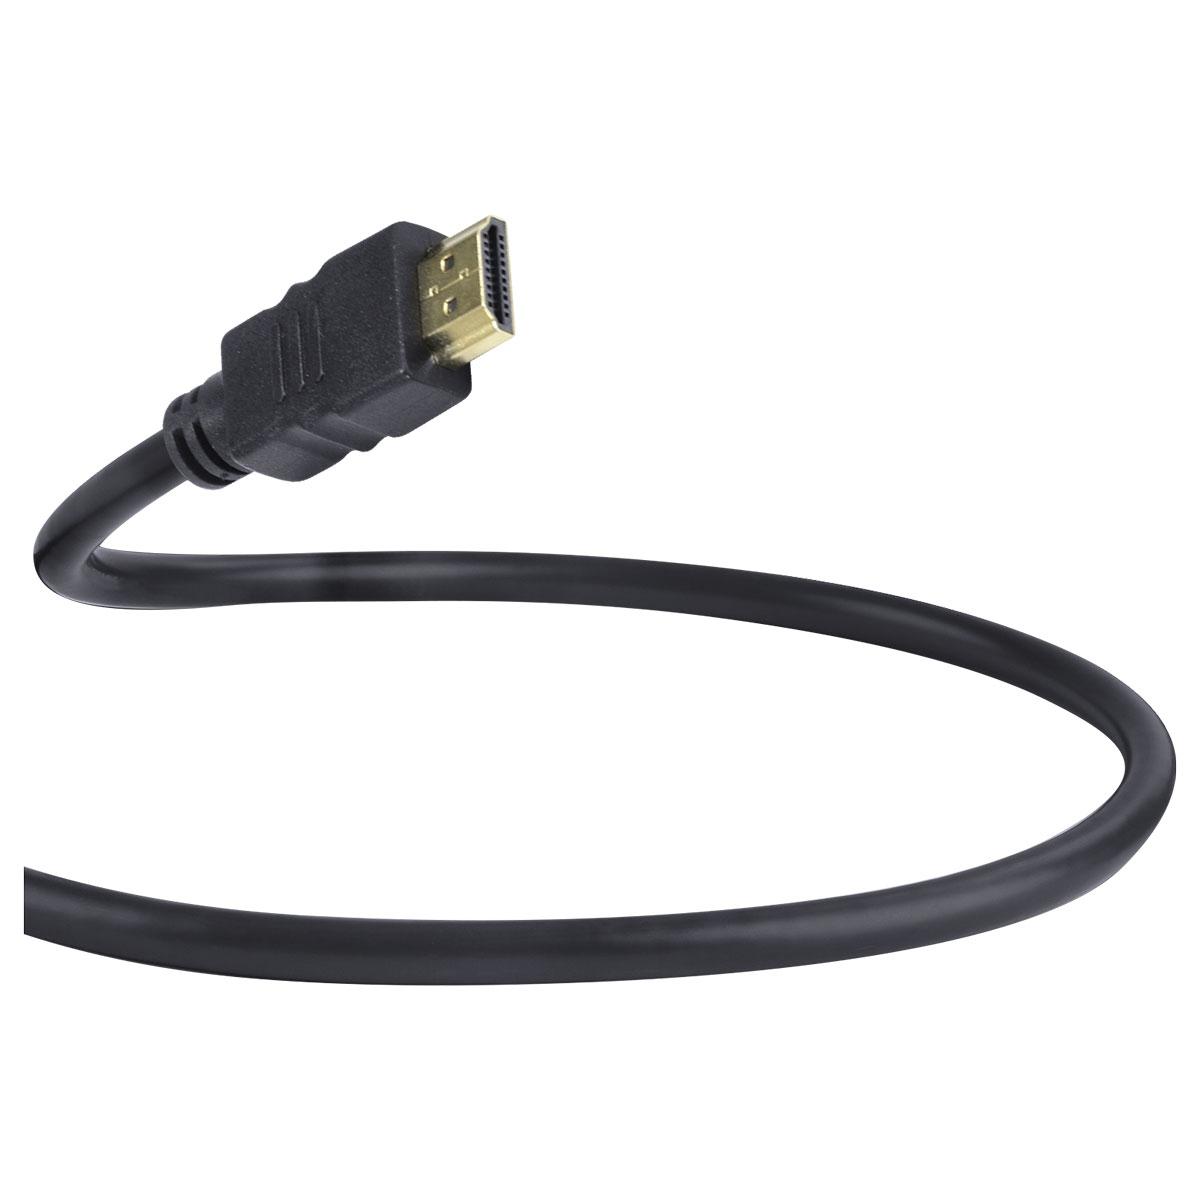 CABO HDMI 2.0 PARA MICRO HDMI 4K ULTRA HD 3D CONEXÃO ETHERNET 2 METROS - H20MC-2